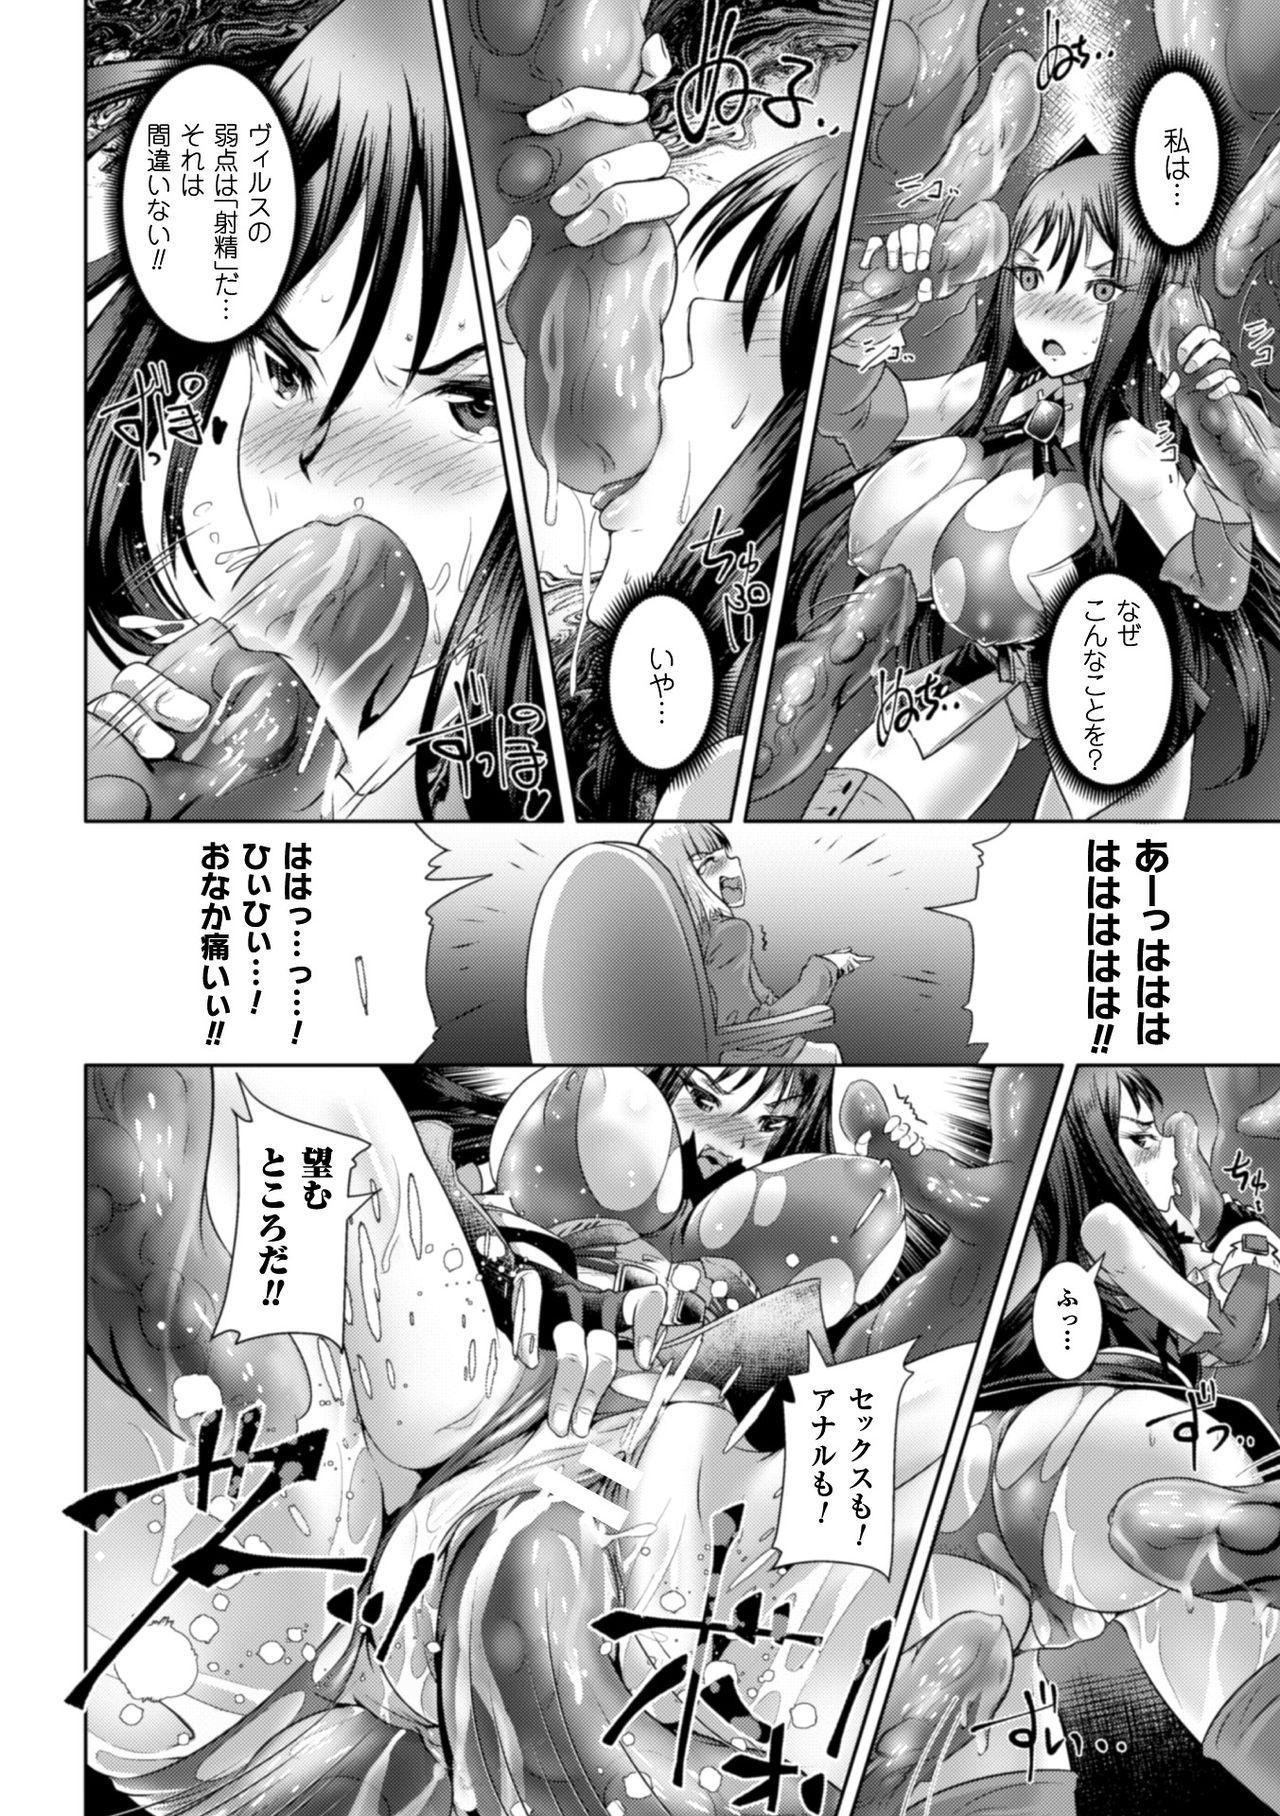 2D Comic Magazine Saimin Appli de Henshin Heroine o Yaritai Houdai! Vol. 1 69